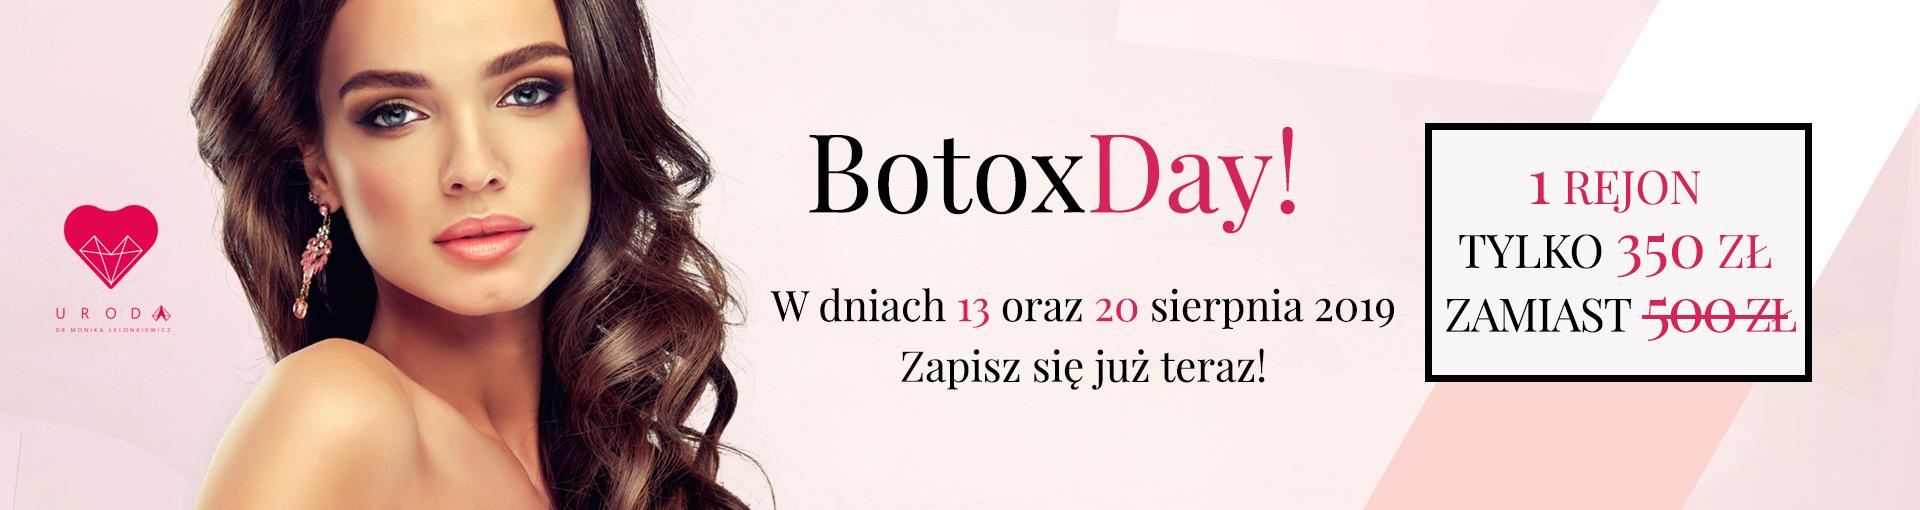 Botox Day 2019 Sierpień